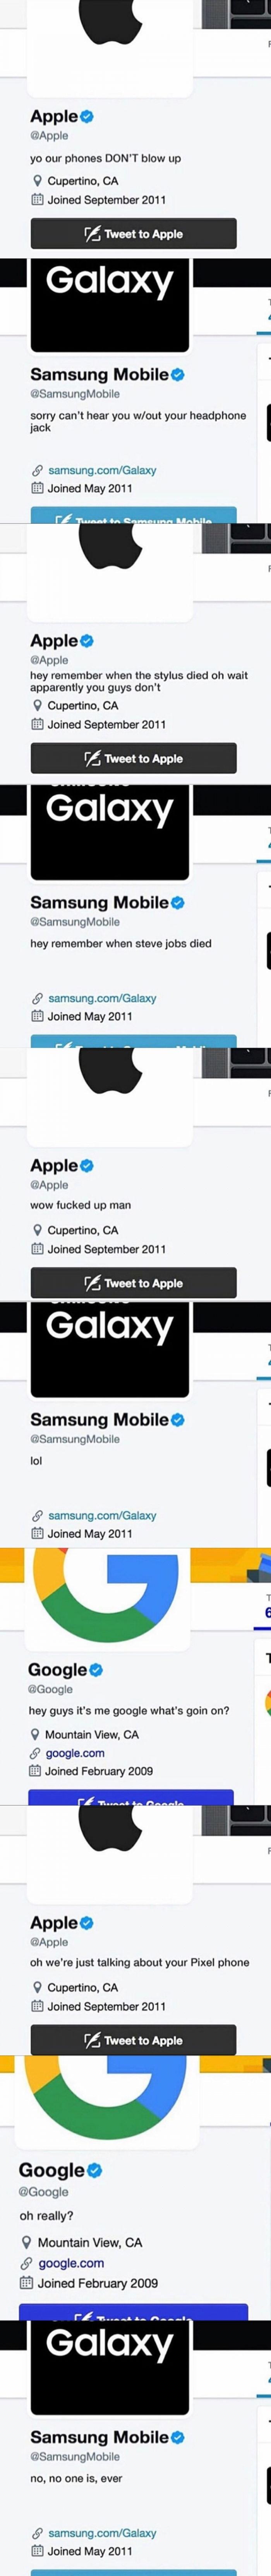 Tech giant wars on twitter